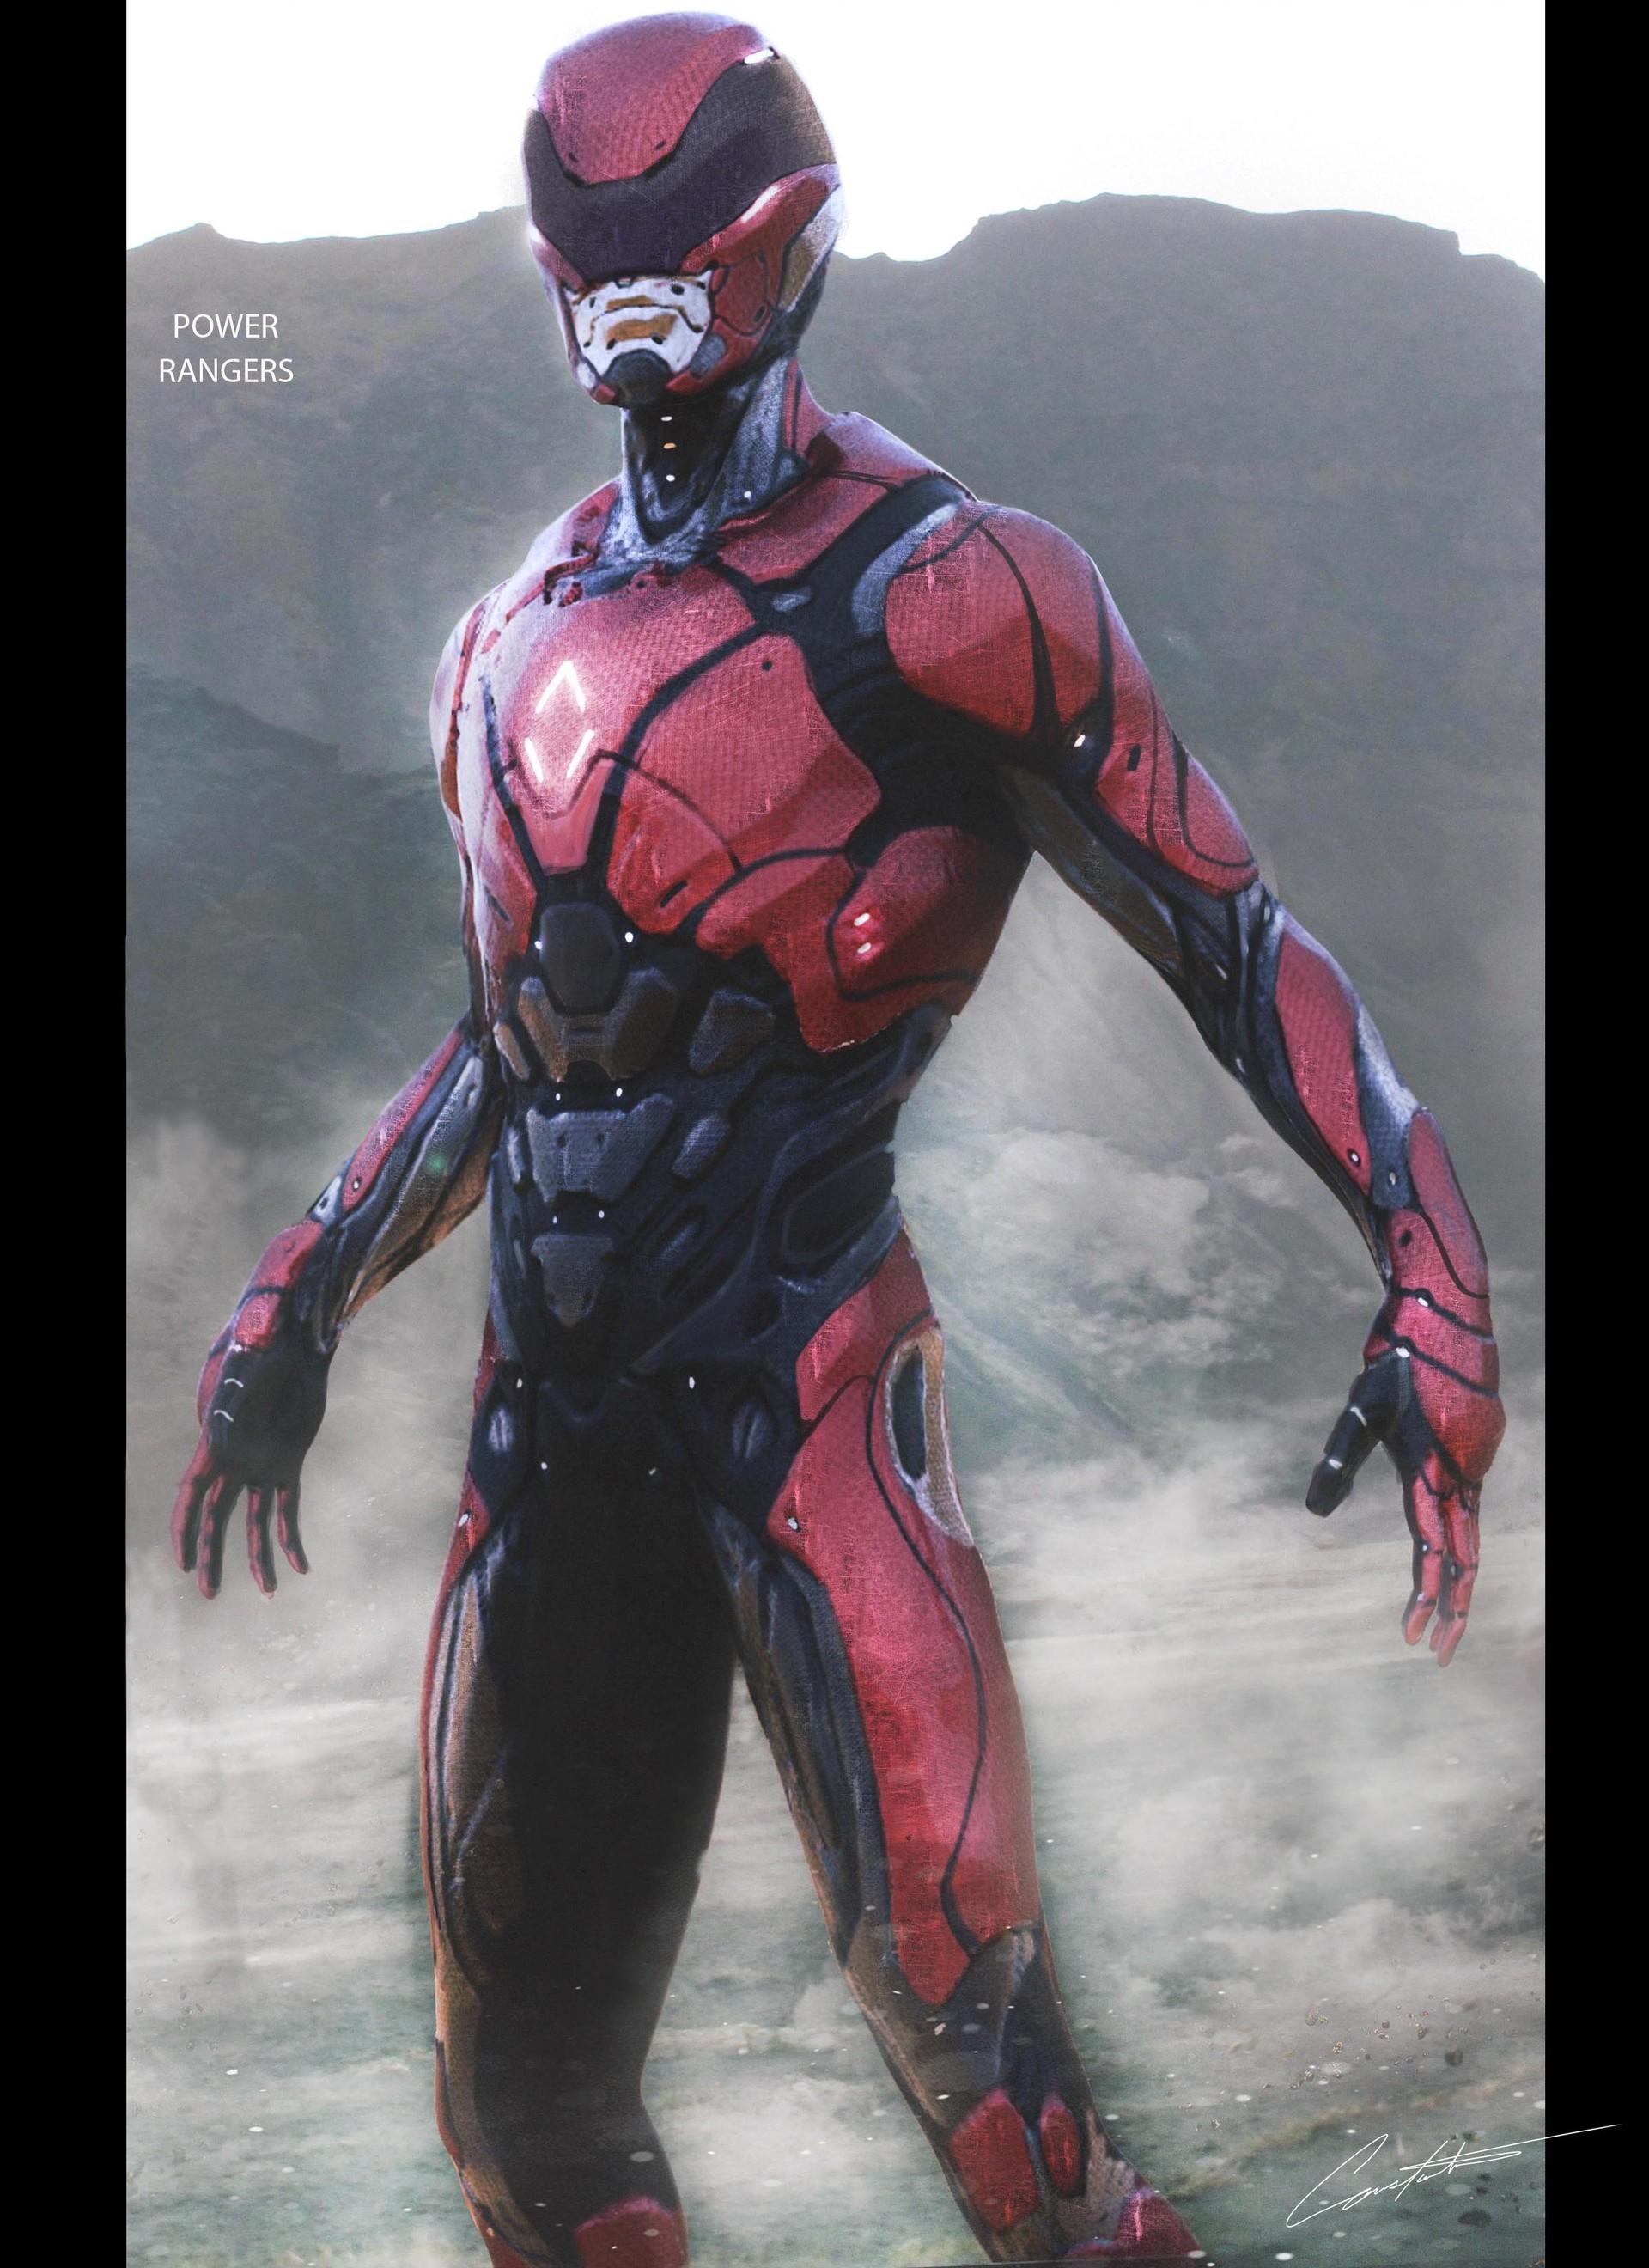 ArtStation - Power Rangers Red Ranger Design, Constantine ...